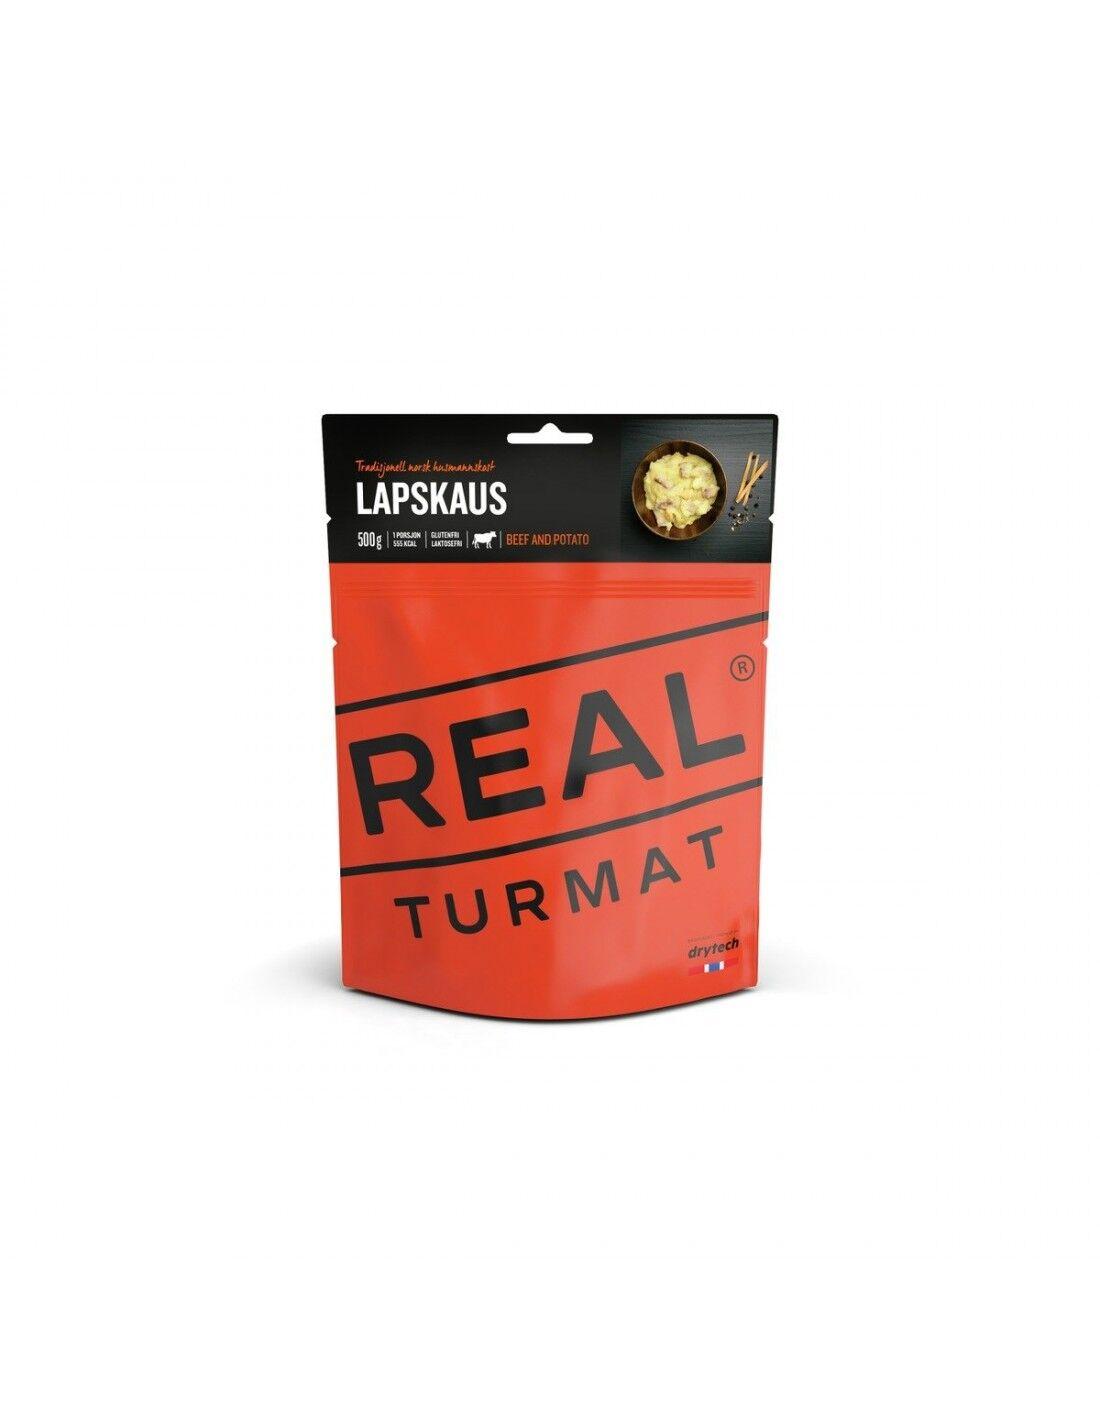 Drytech Real Turmat Lapskaus 500g